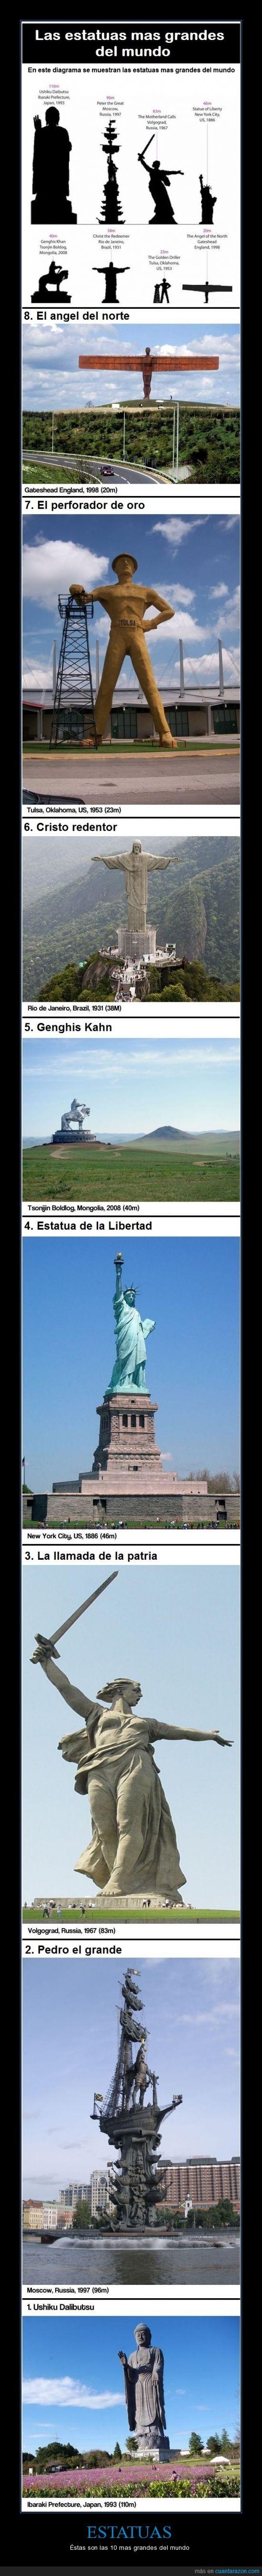 10,110m,estatuas,grandes